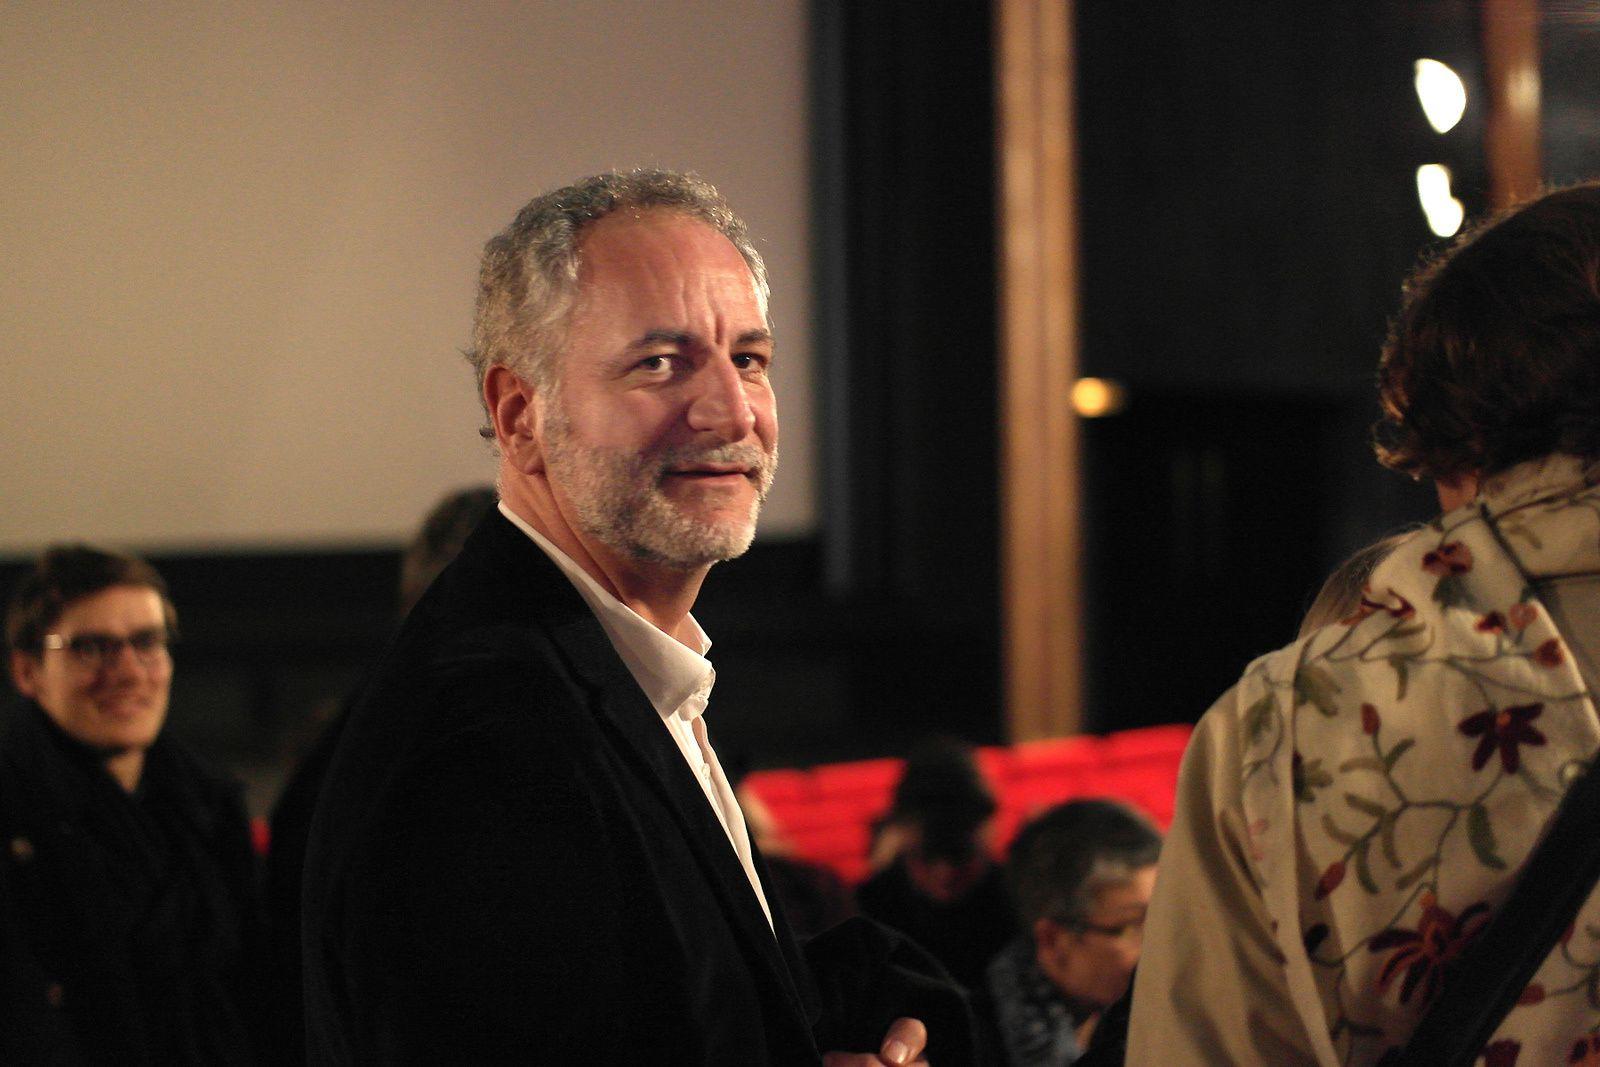 Le réalisateur, Brice Cauvin